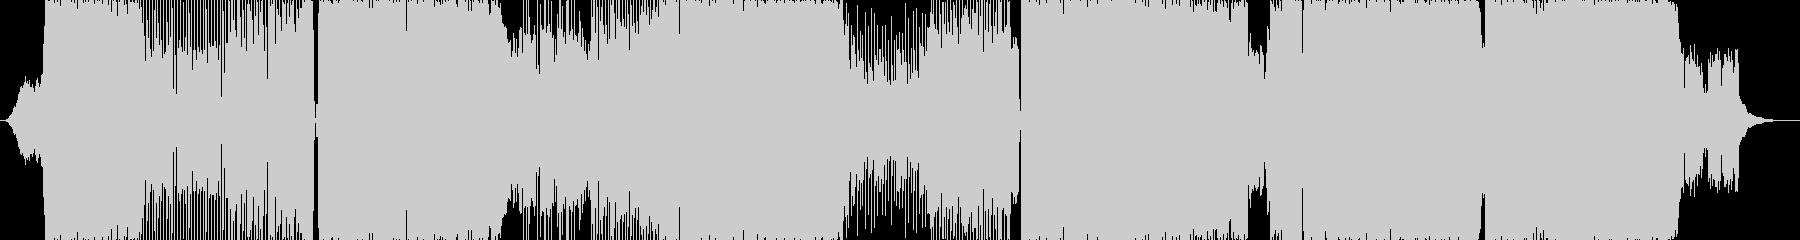 ユーフォリアの未再生の波形